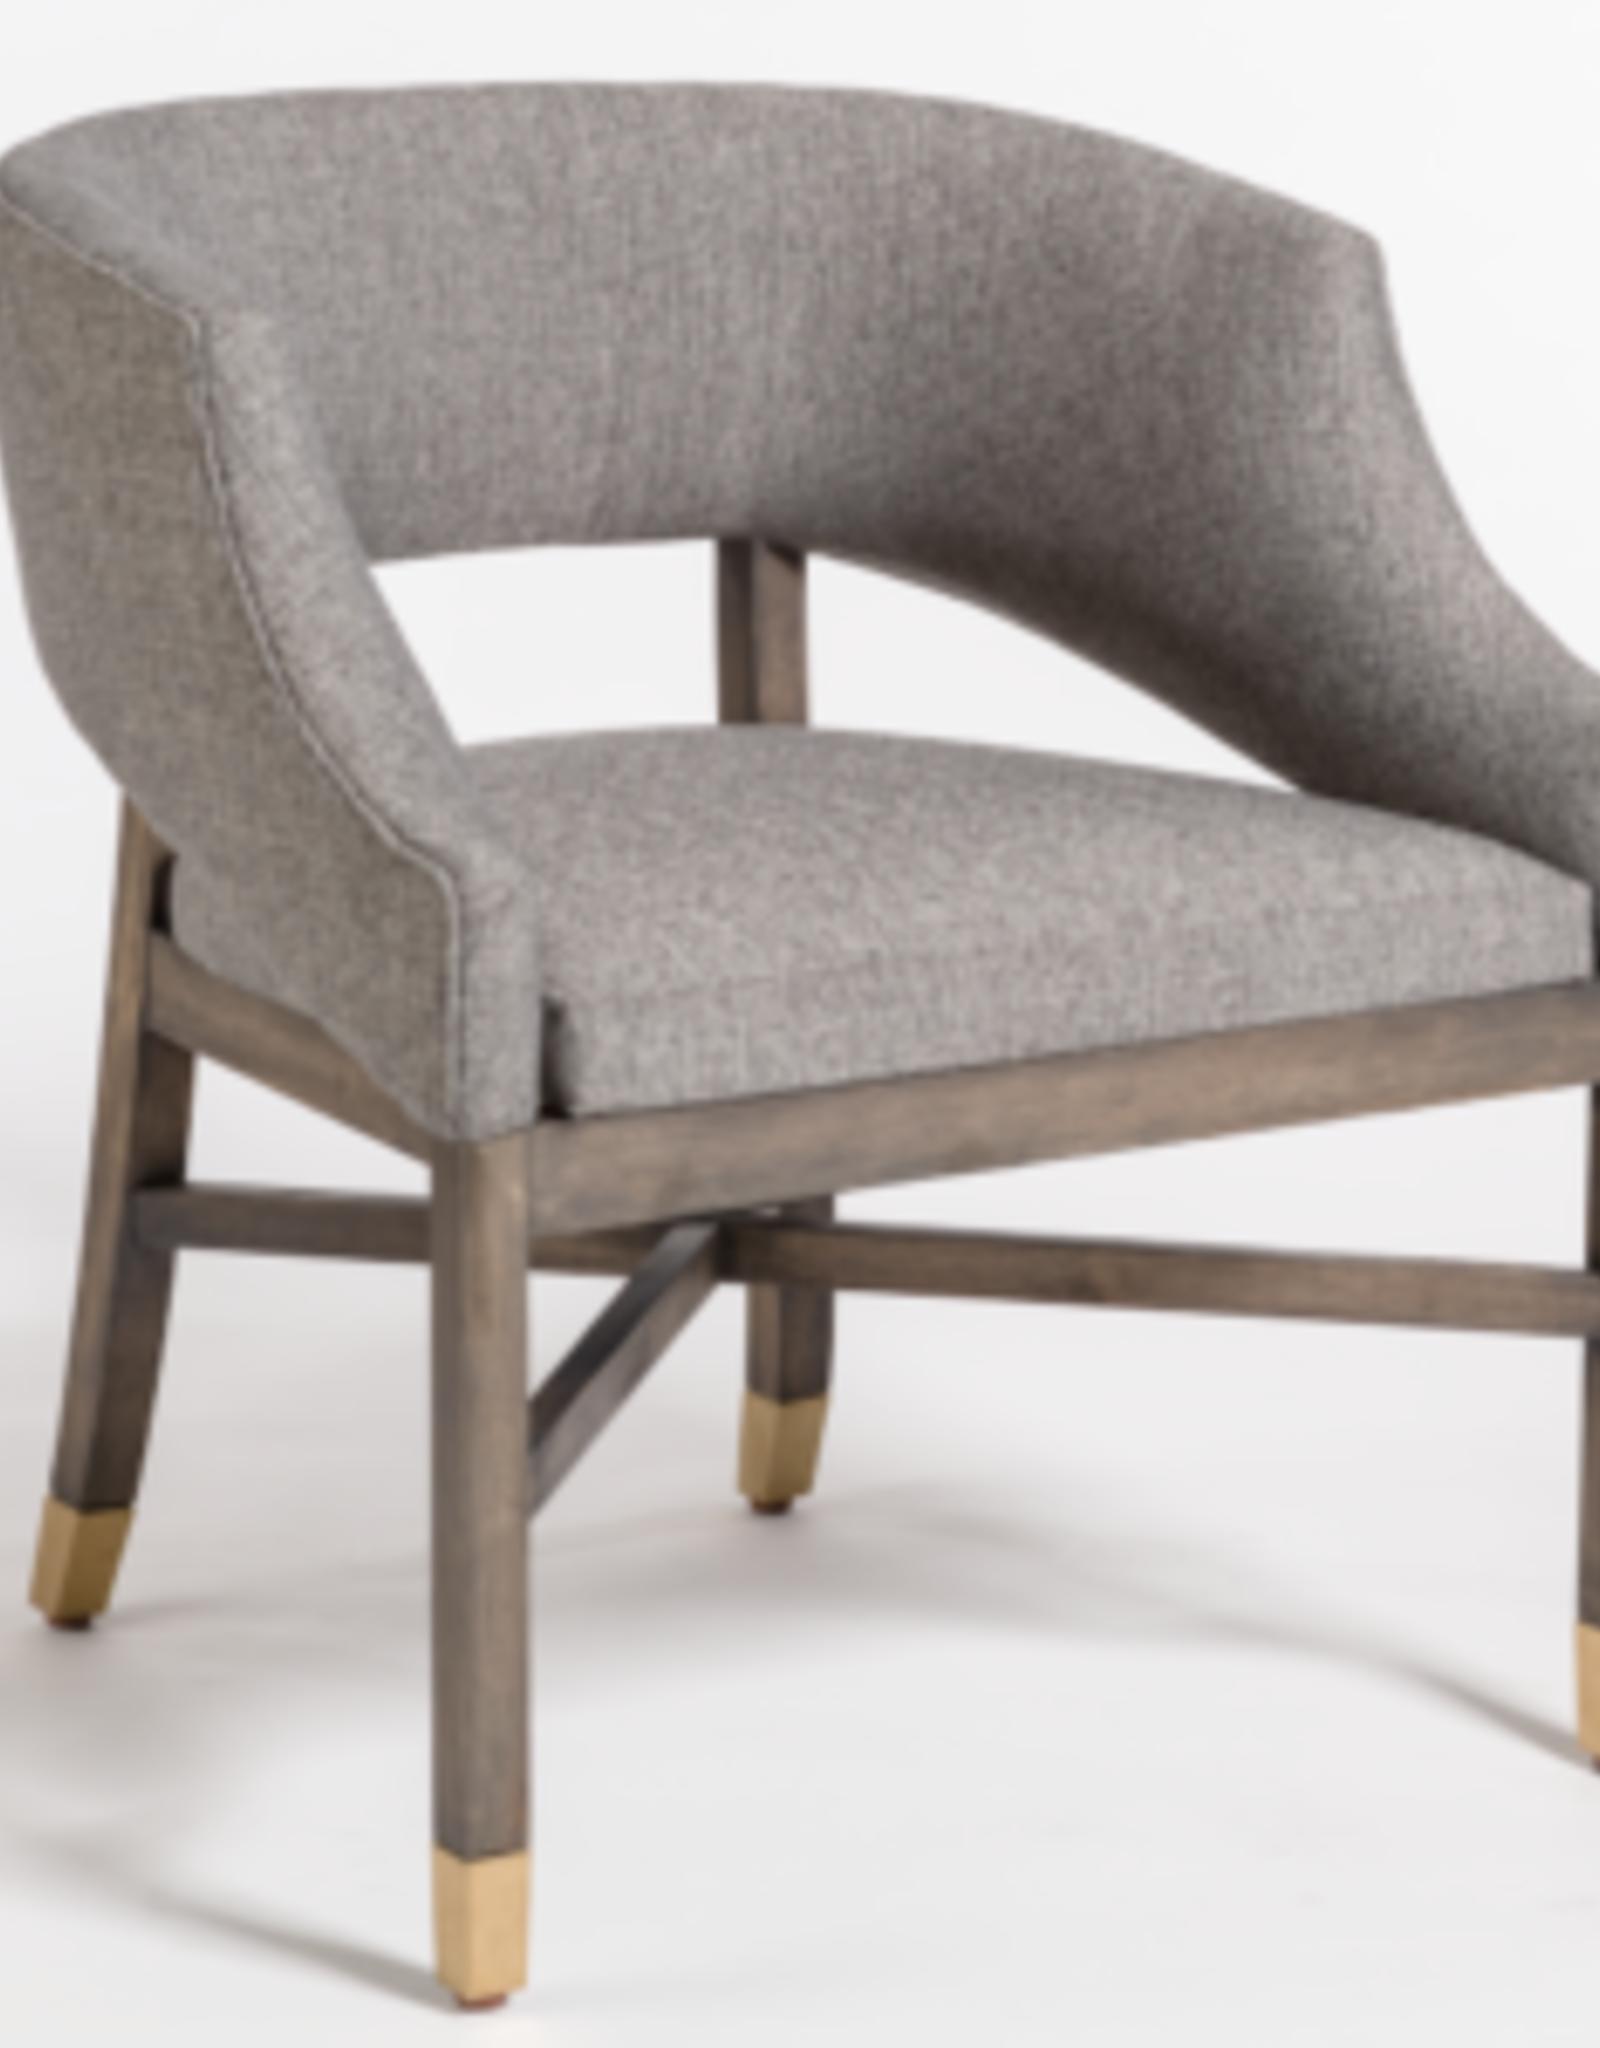 Website Wyatt Dining Chair